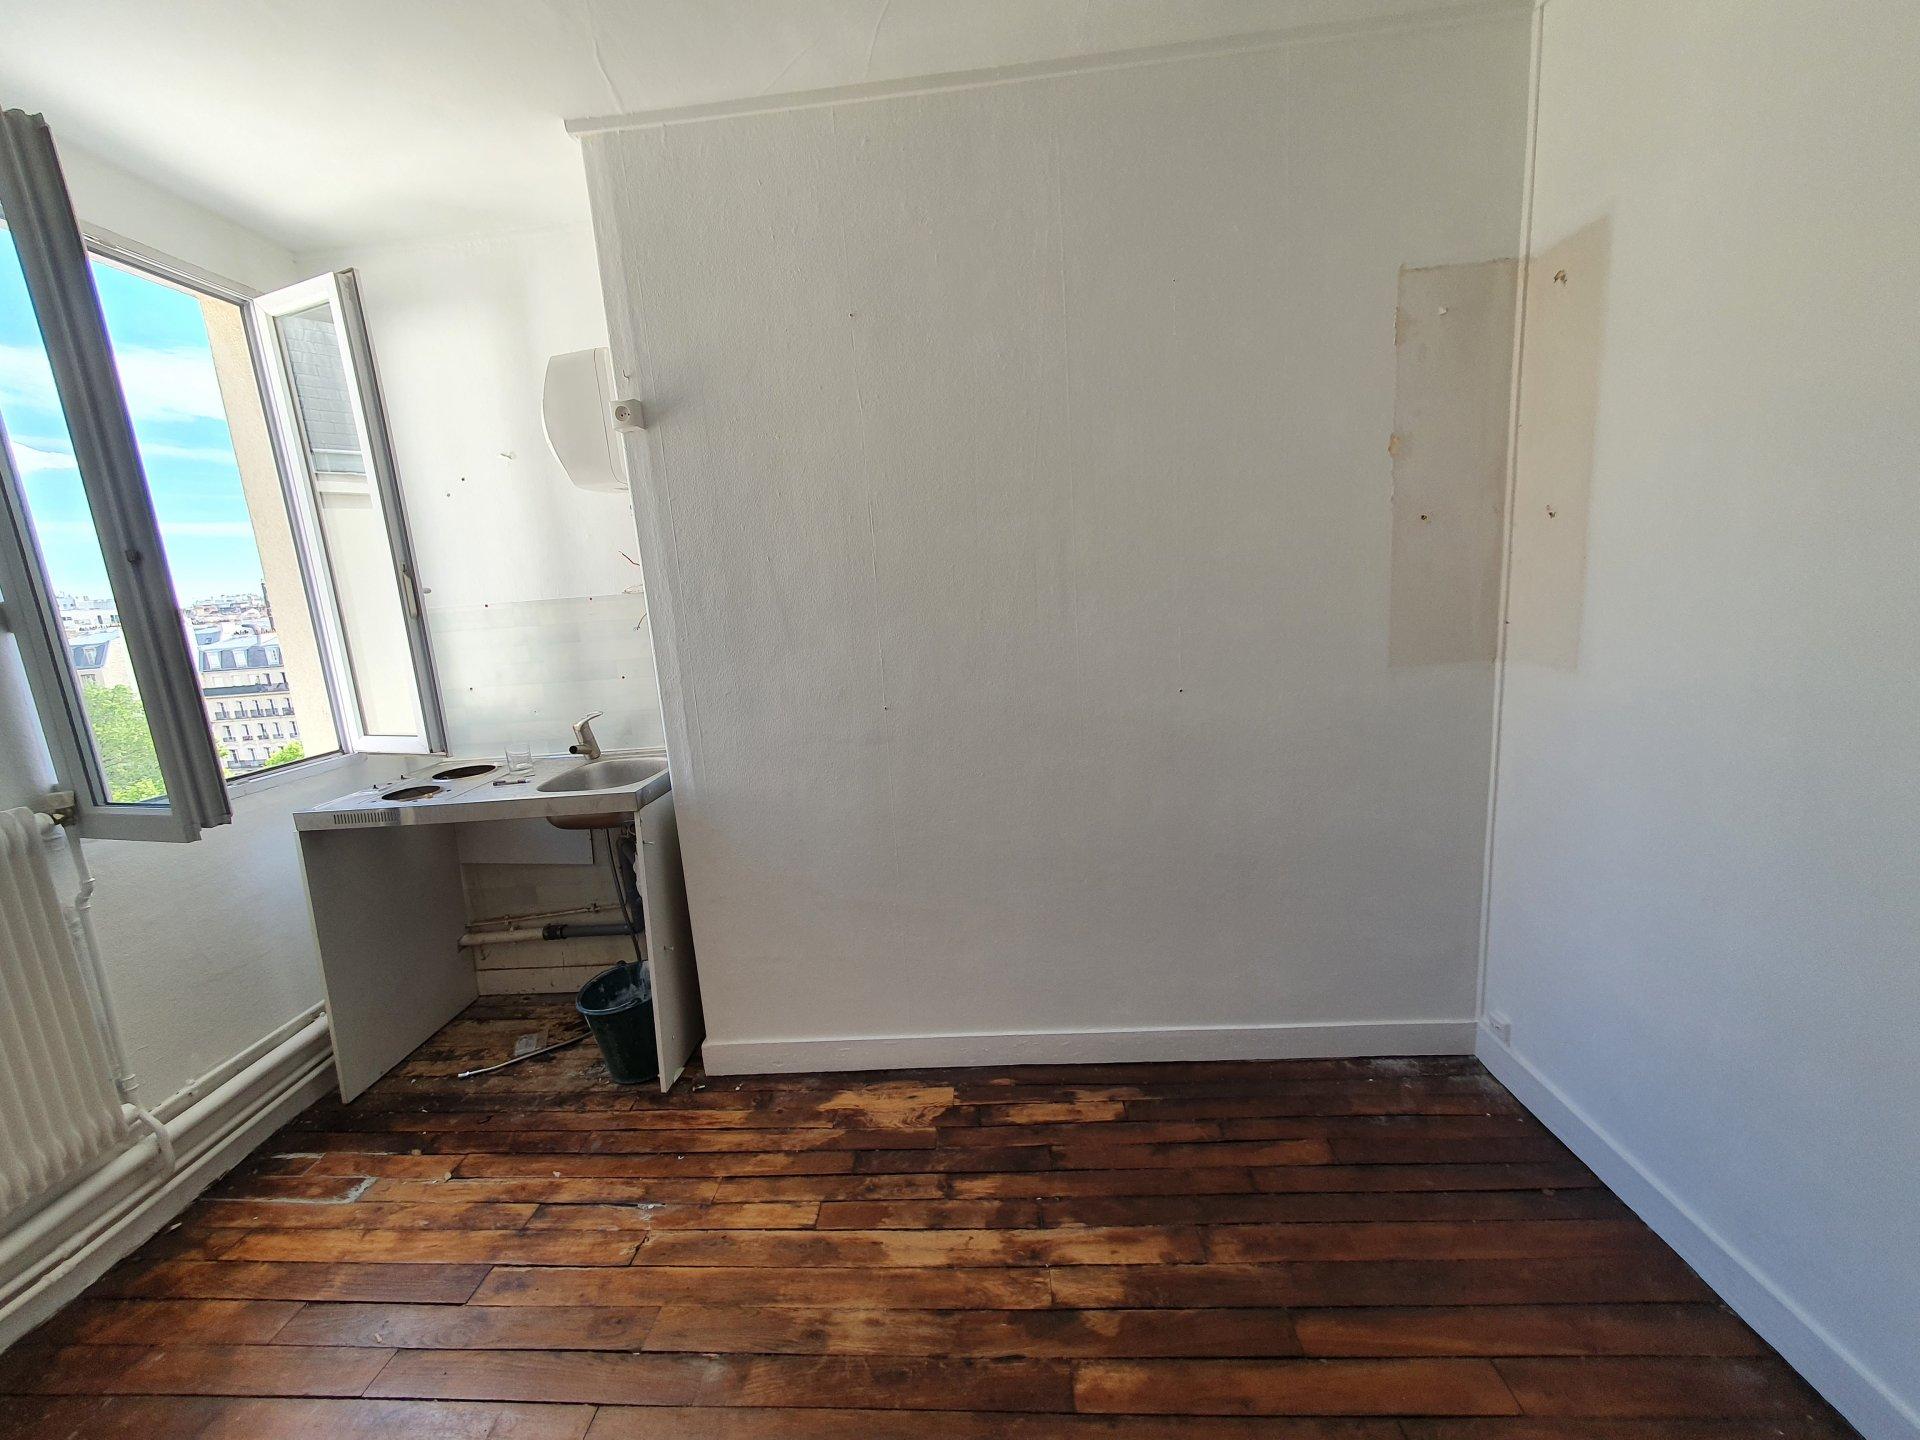 Studette - 8,5 m² à vendre  - PARIS 15